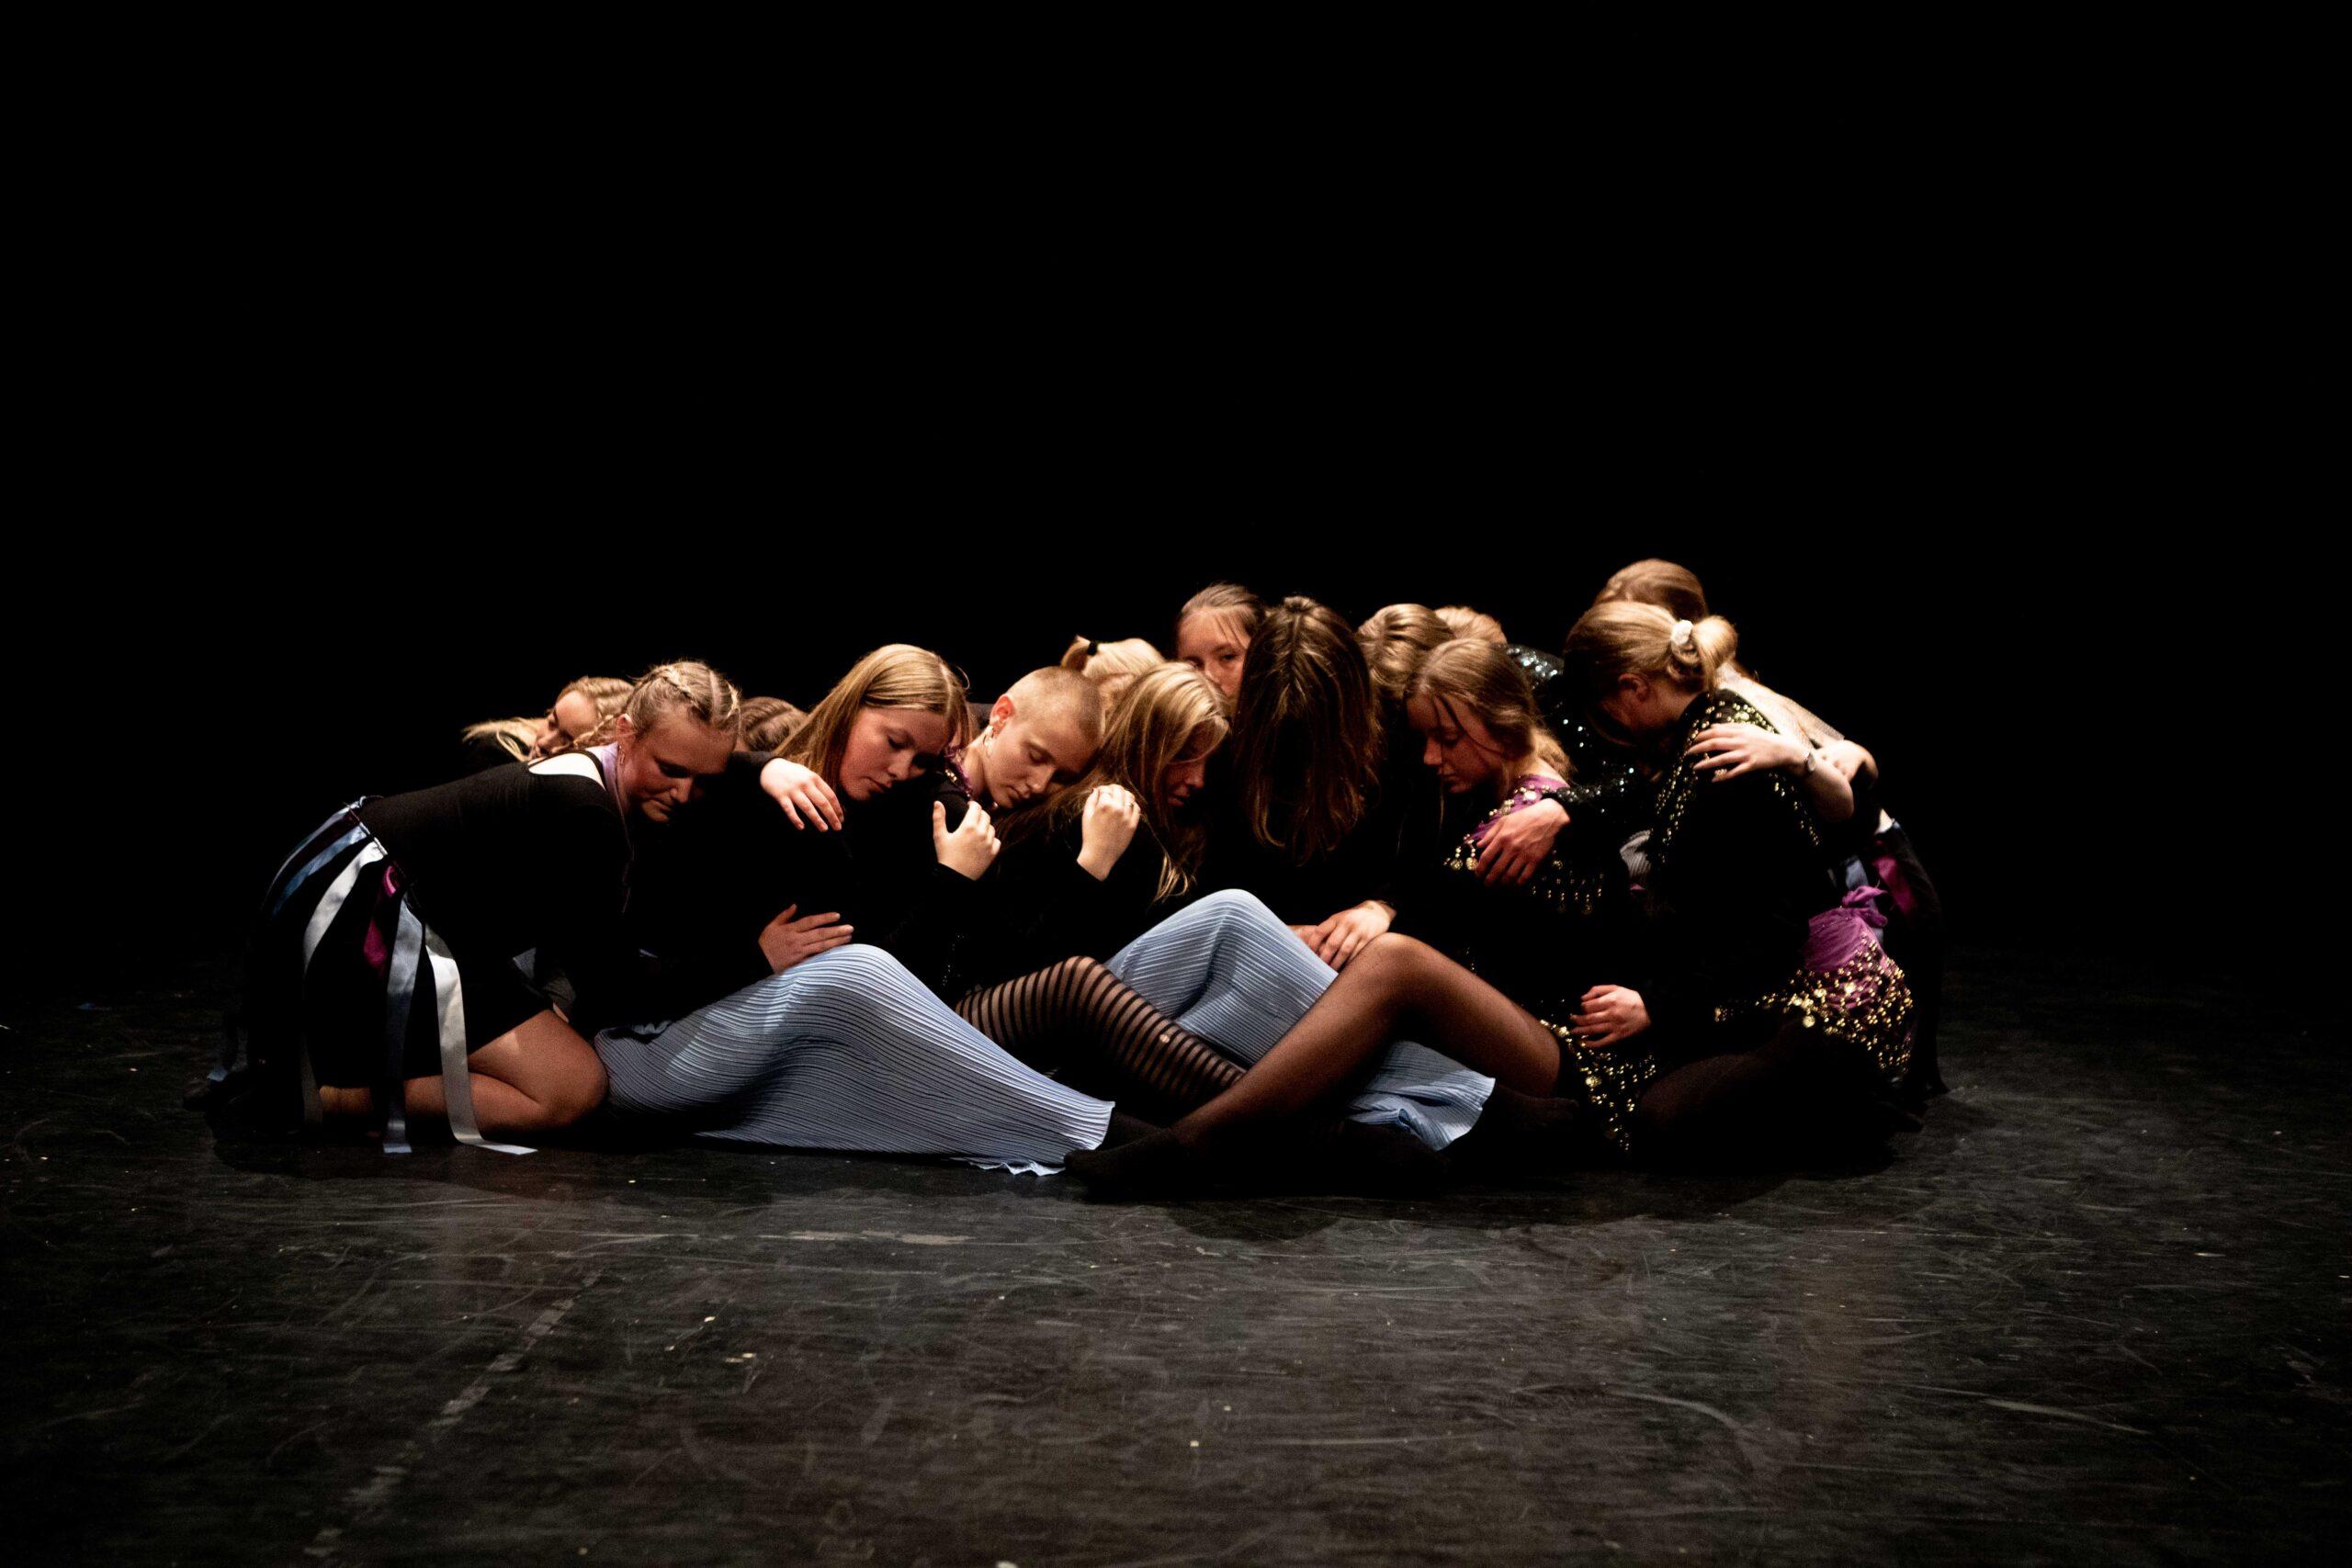 Dans er et fællesskab